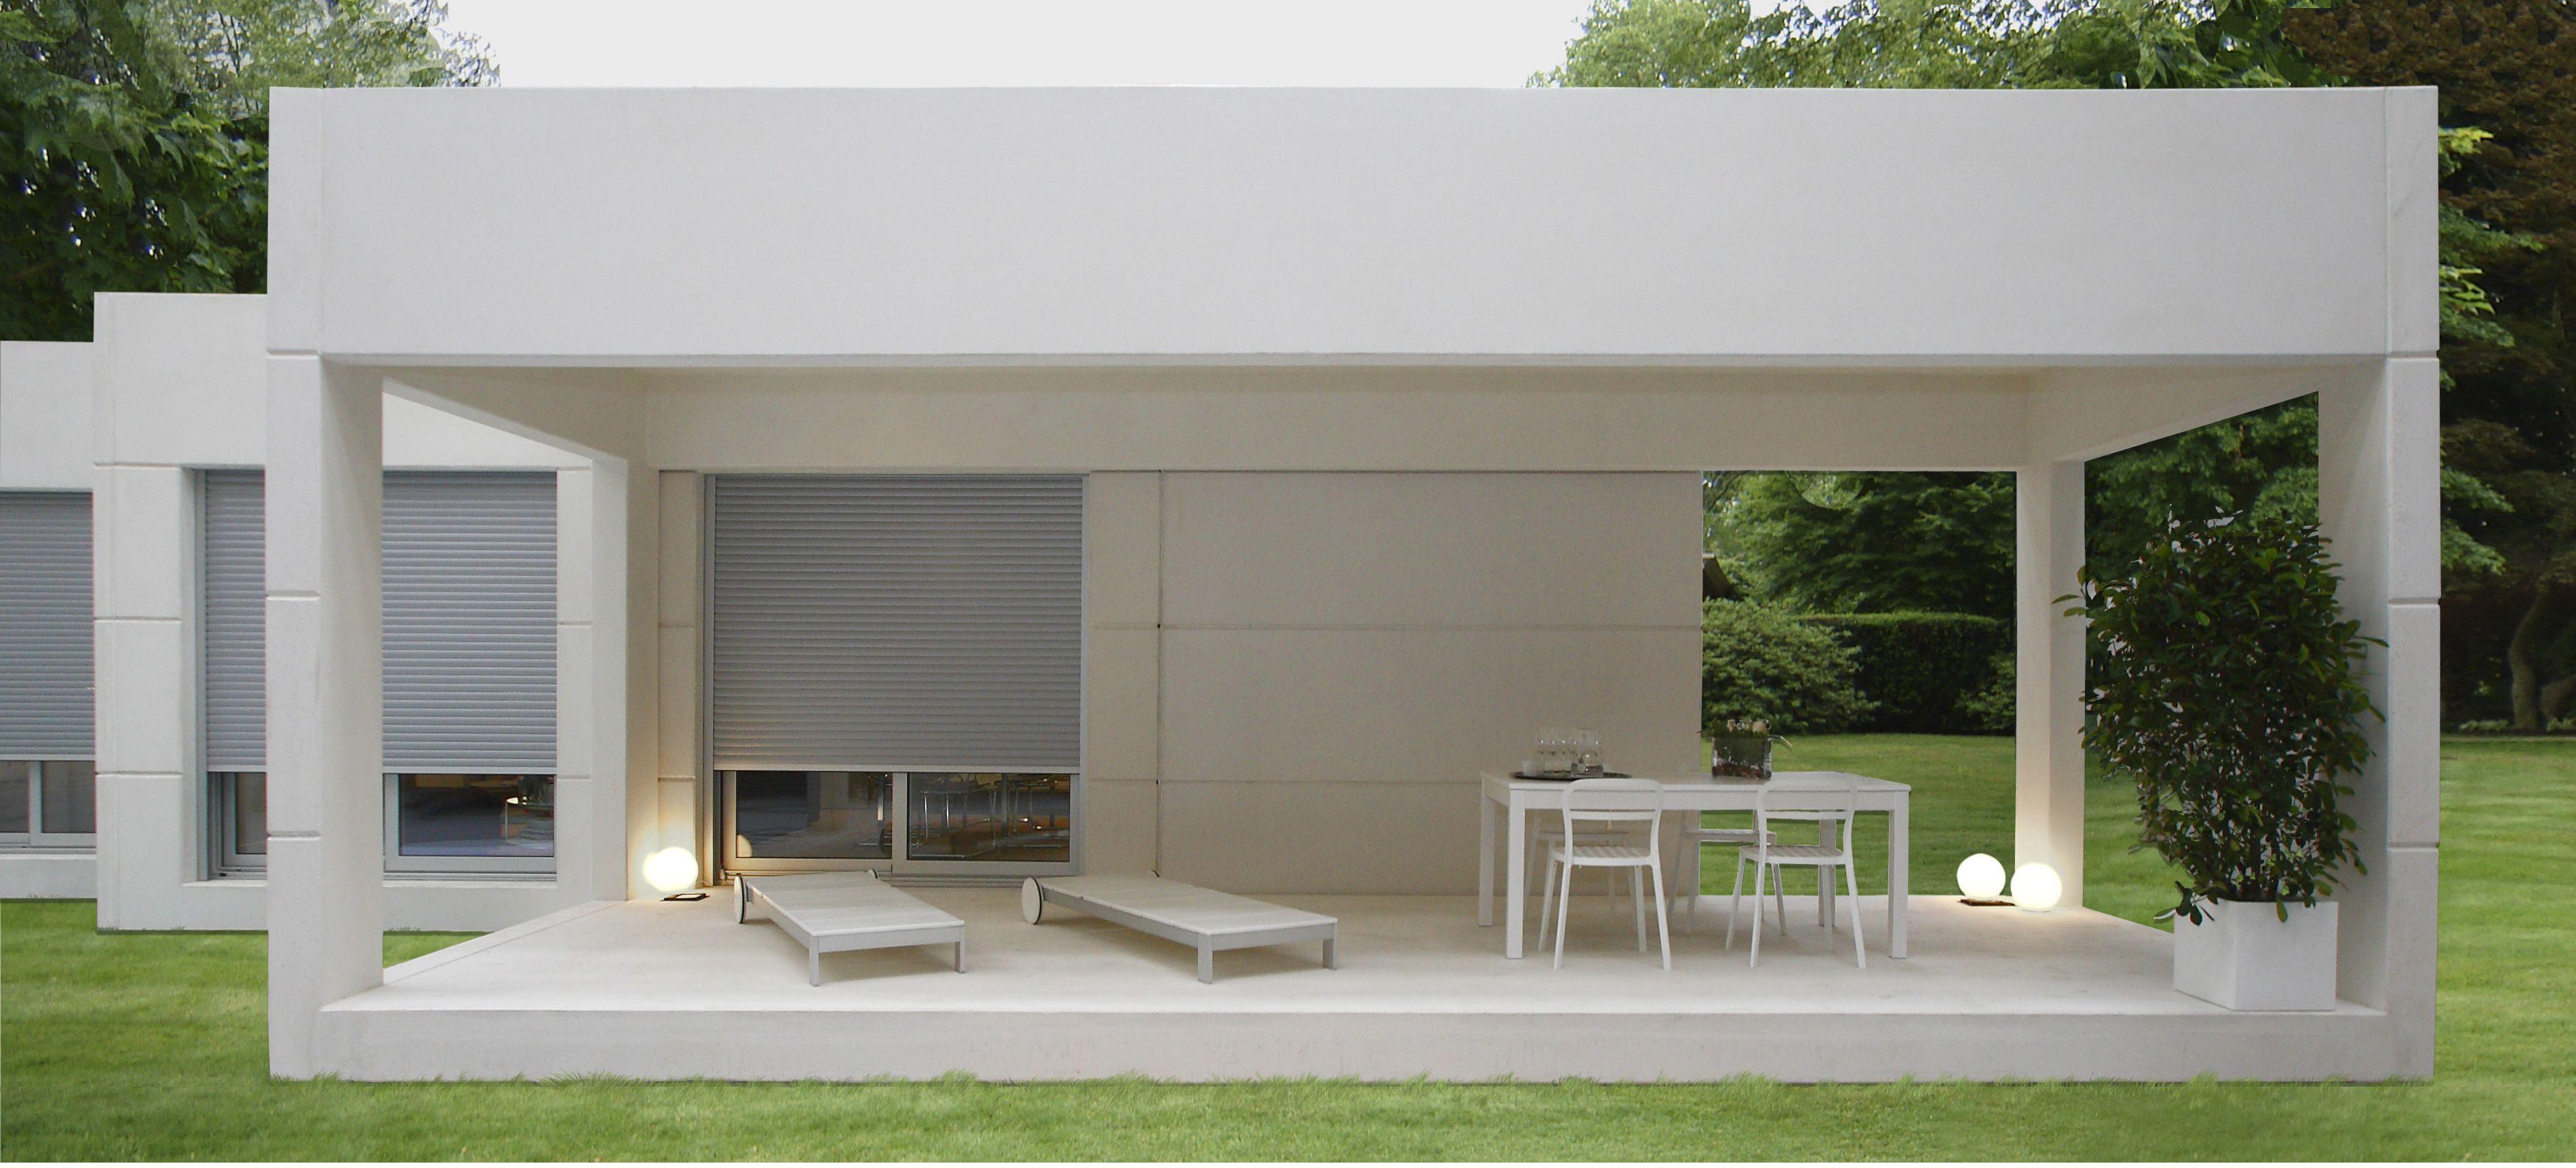 Detalle del m dulo porche de jard n de aplihorsa modular casas modulares exterior - Vivienda modular hormigon ...